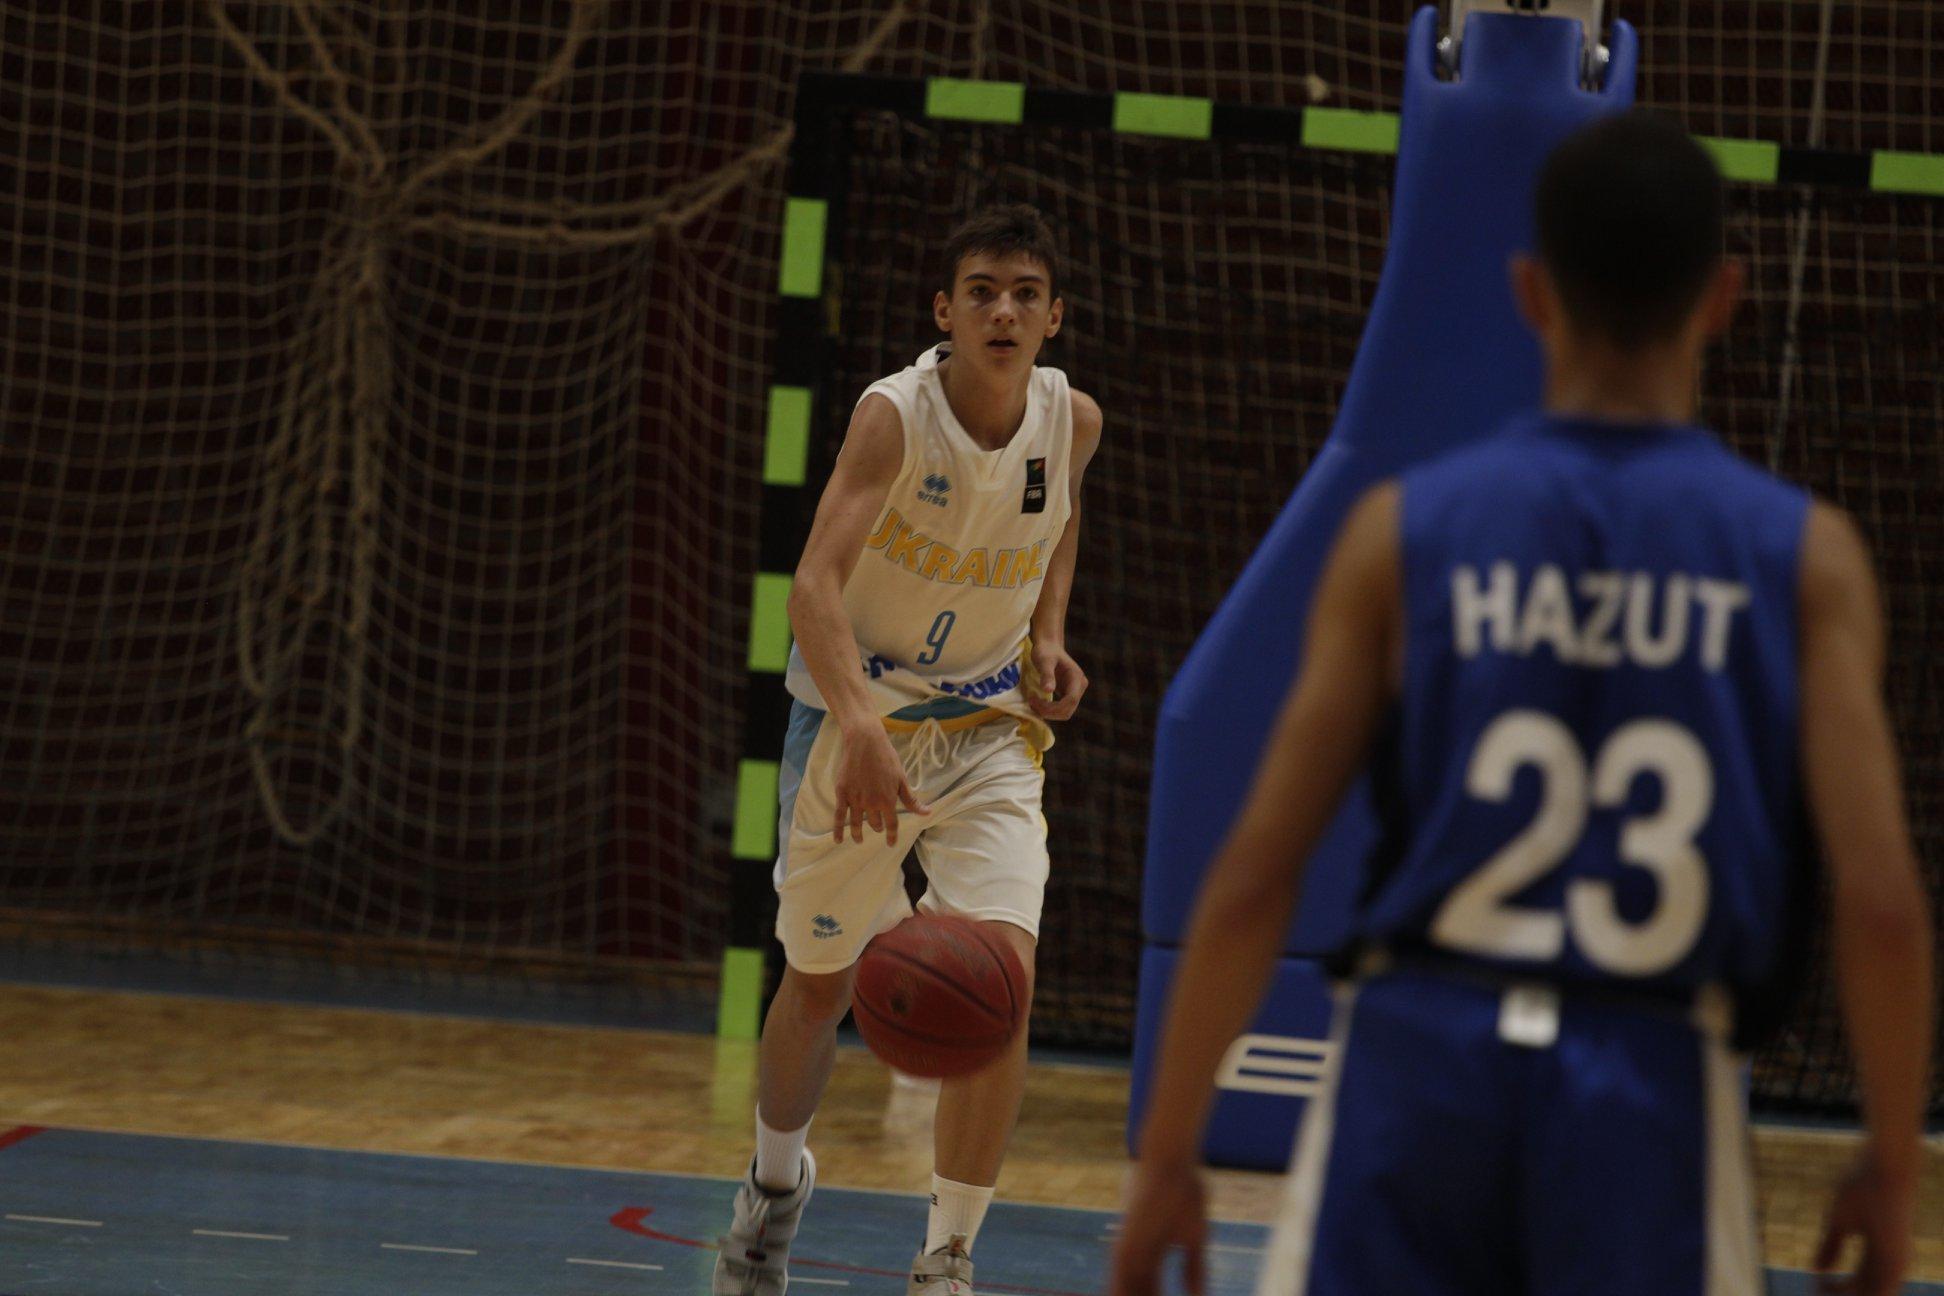 Збірна України U-14 на неофіційному чемпіонаті Європи: фотогалерея першого дня